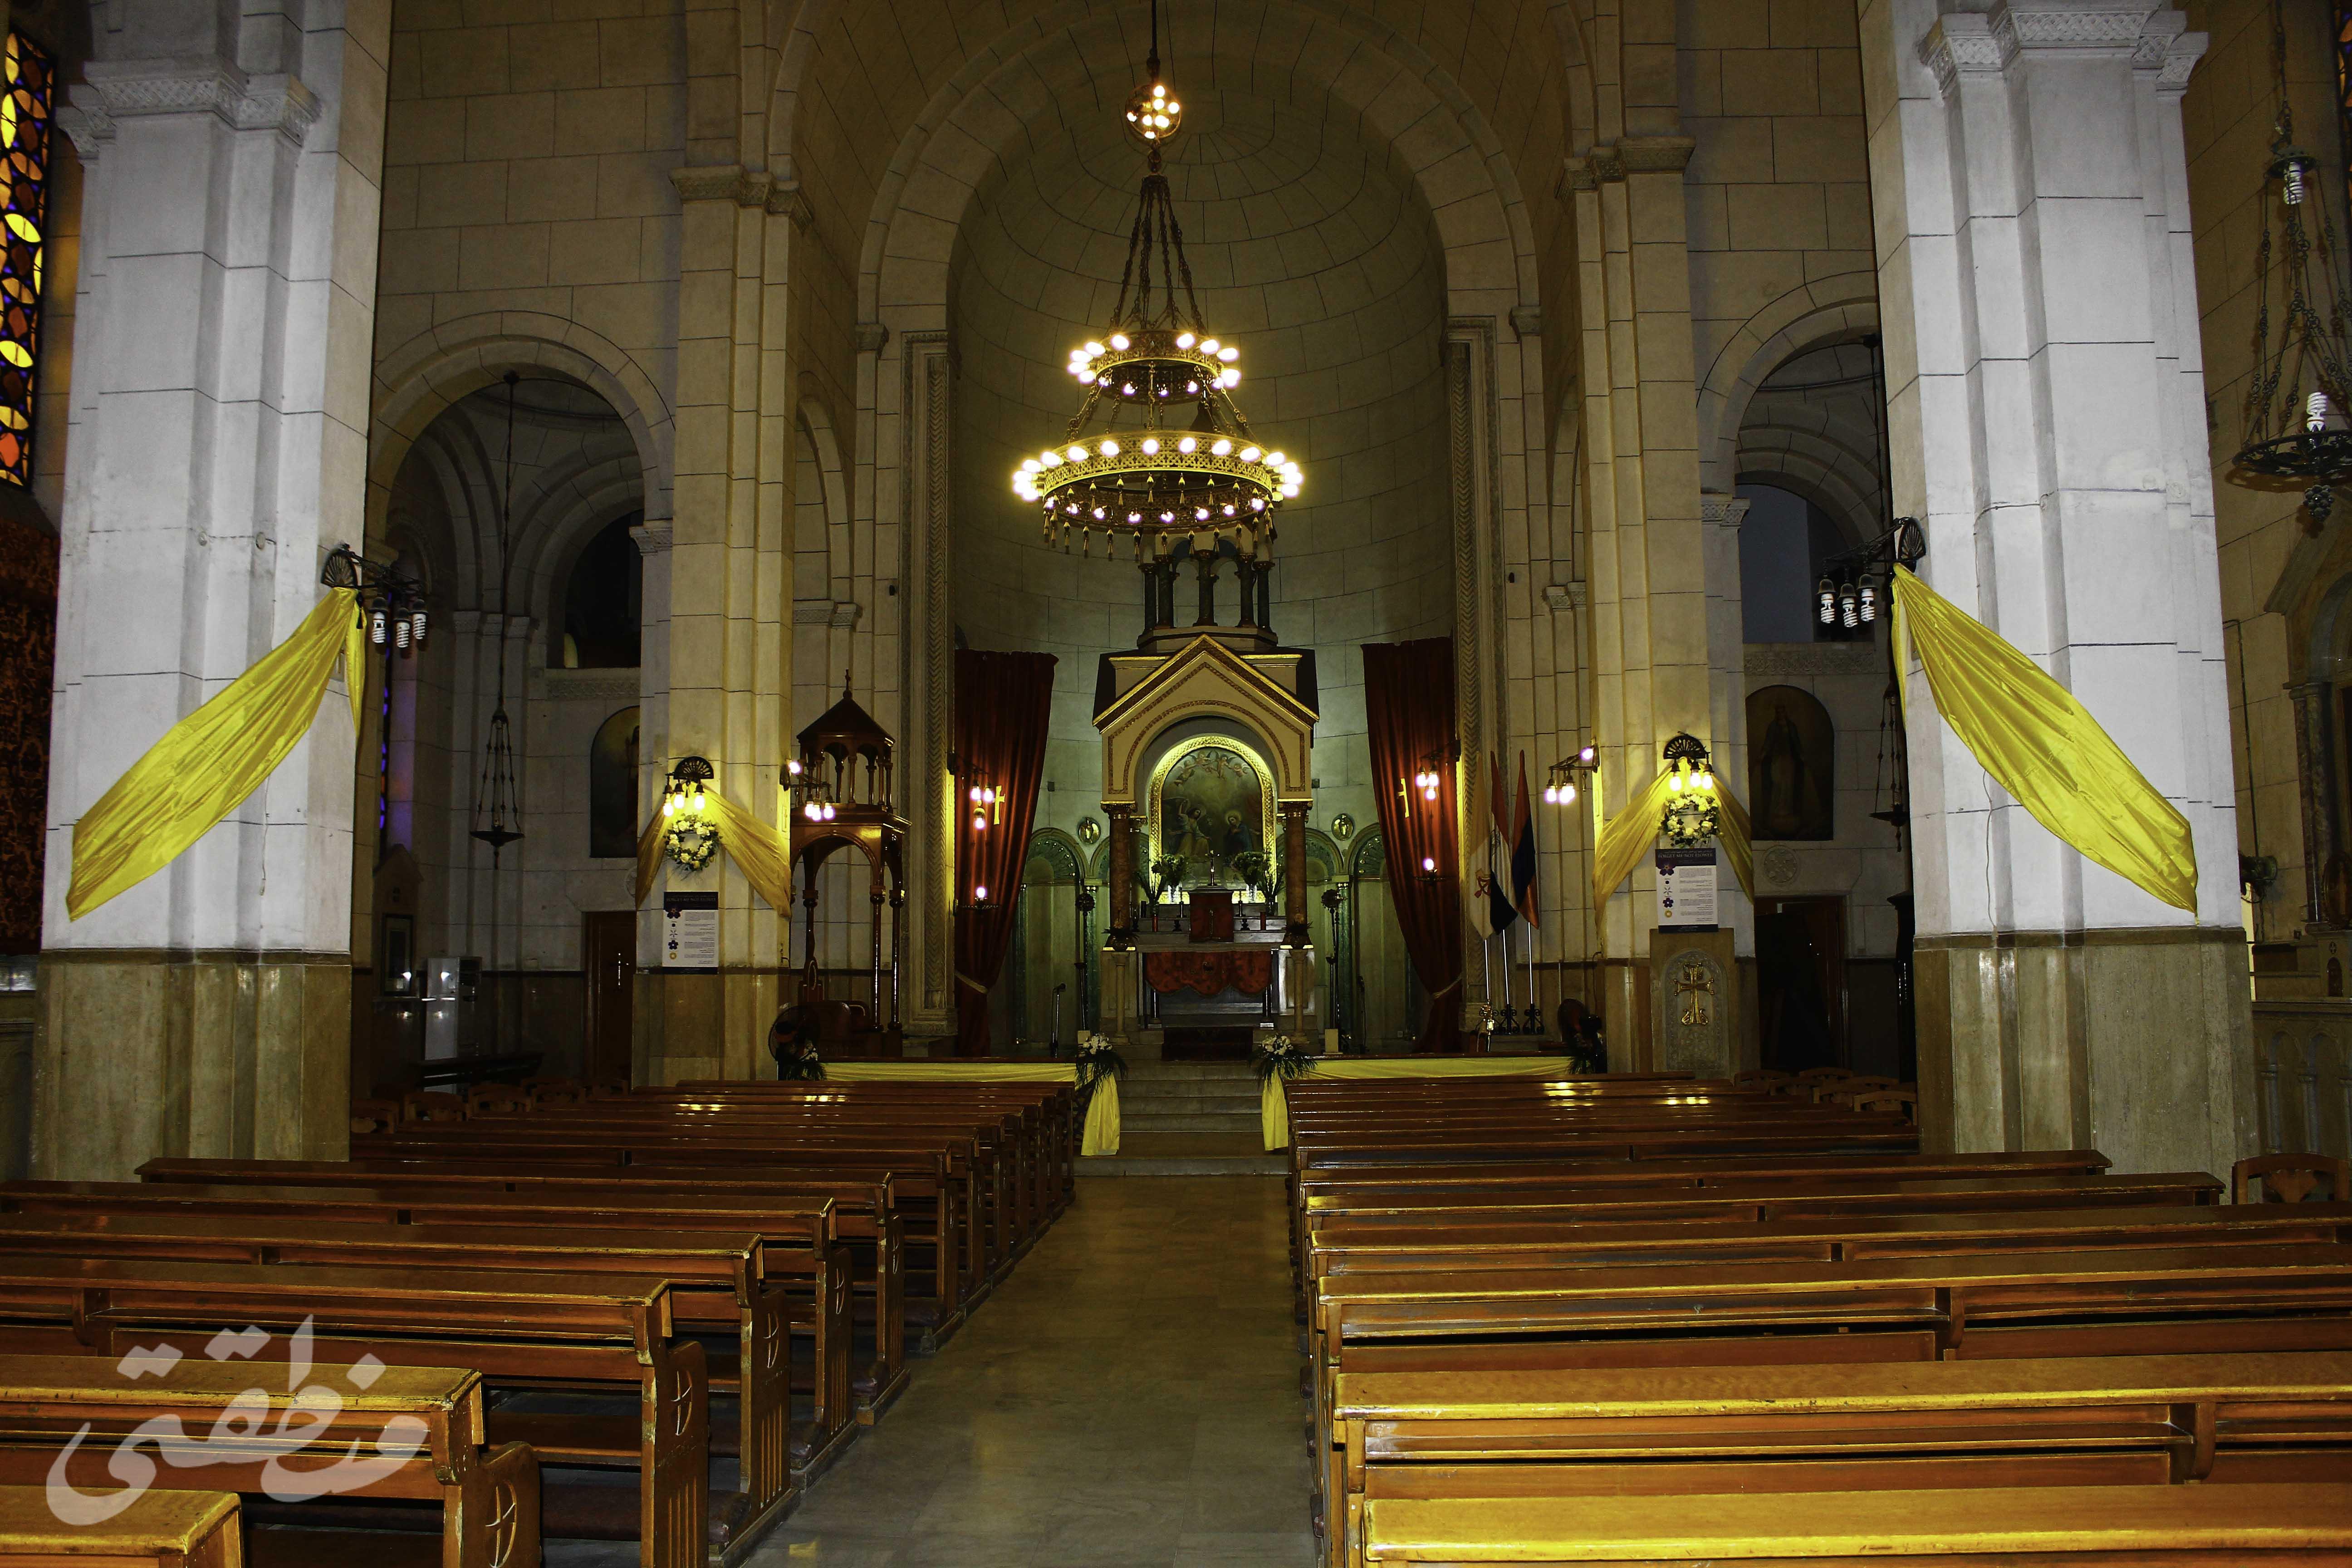 بطريركية الأرمن الكاثوليك من الداخل - تصوير - ميشيل حنا